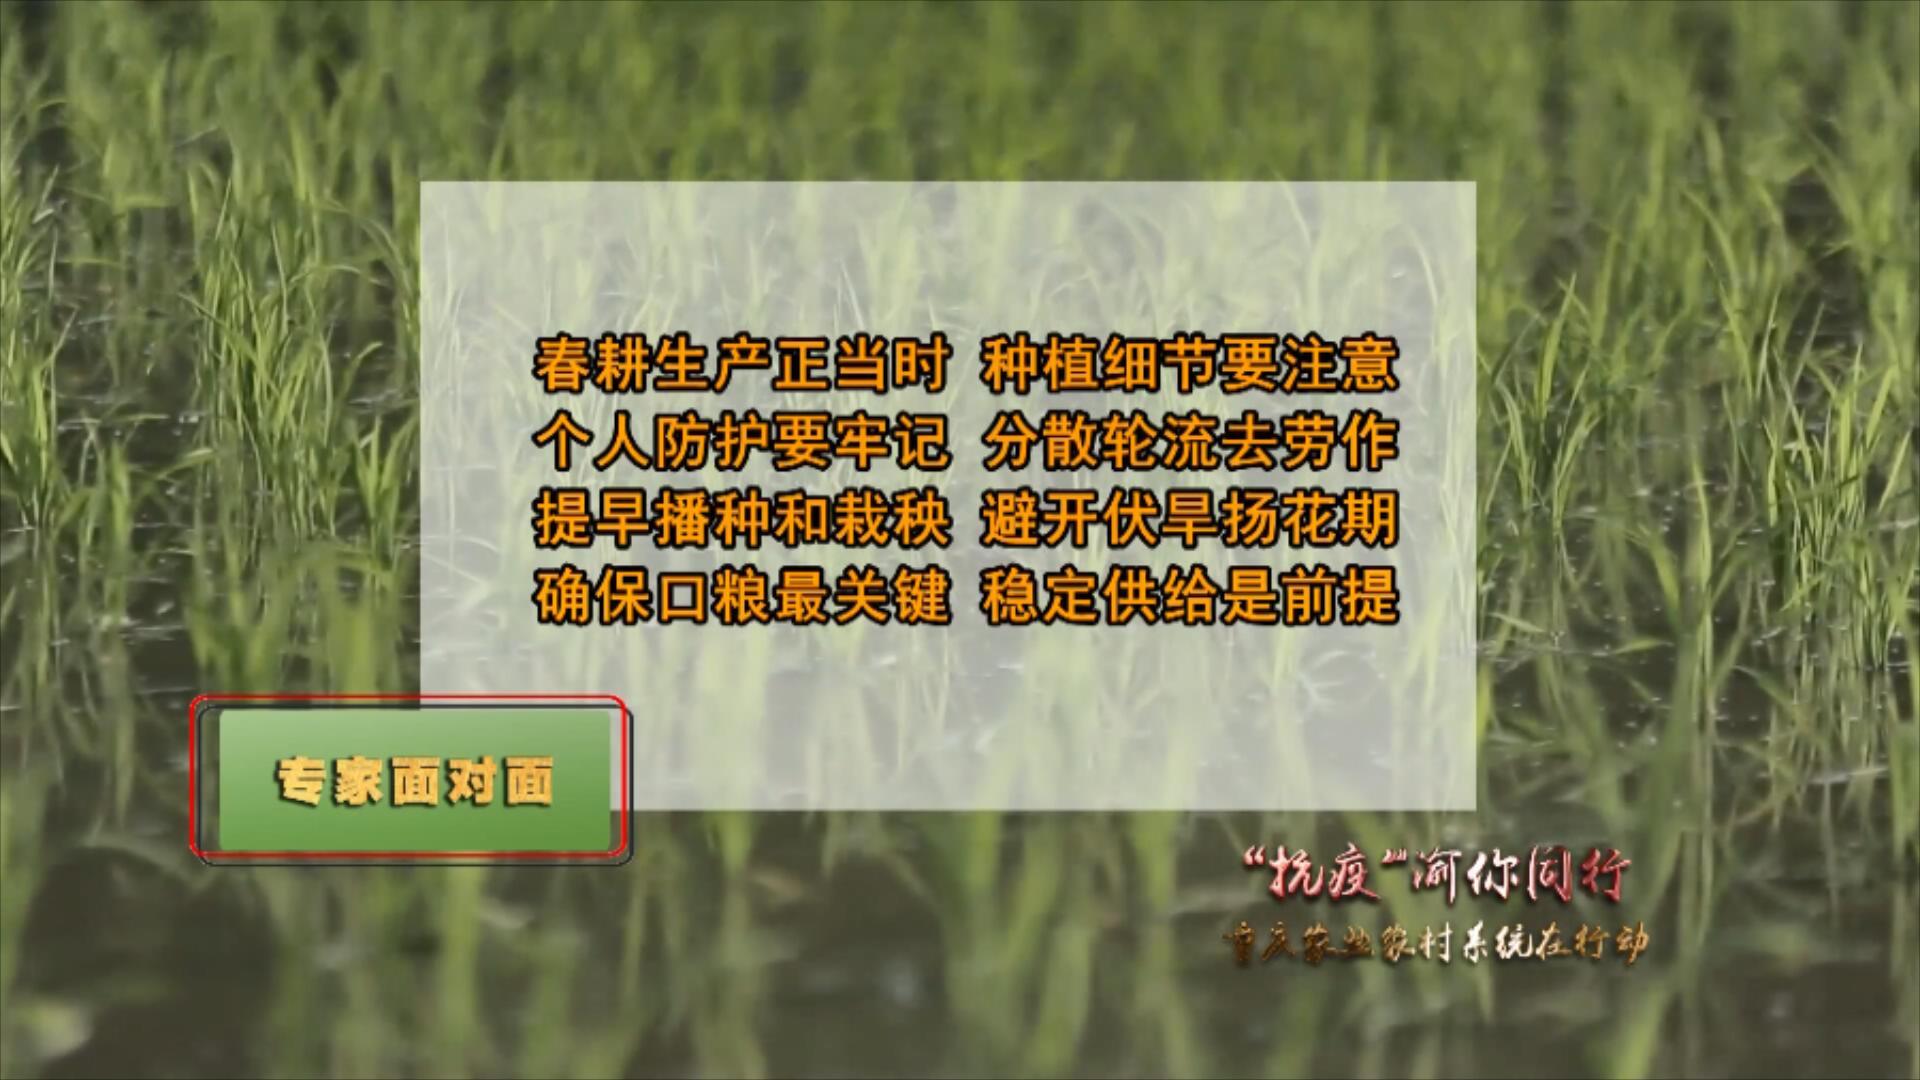 水稻种植需要注意哪些问题?